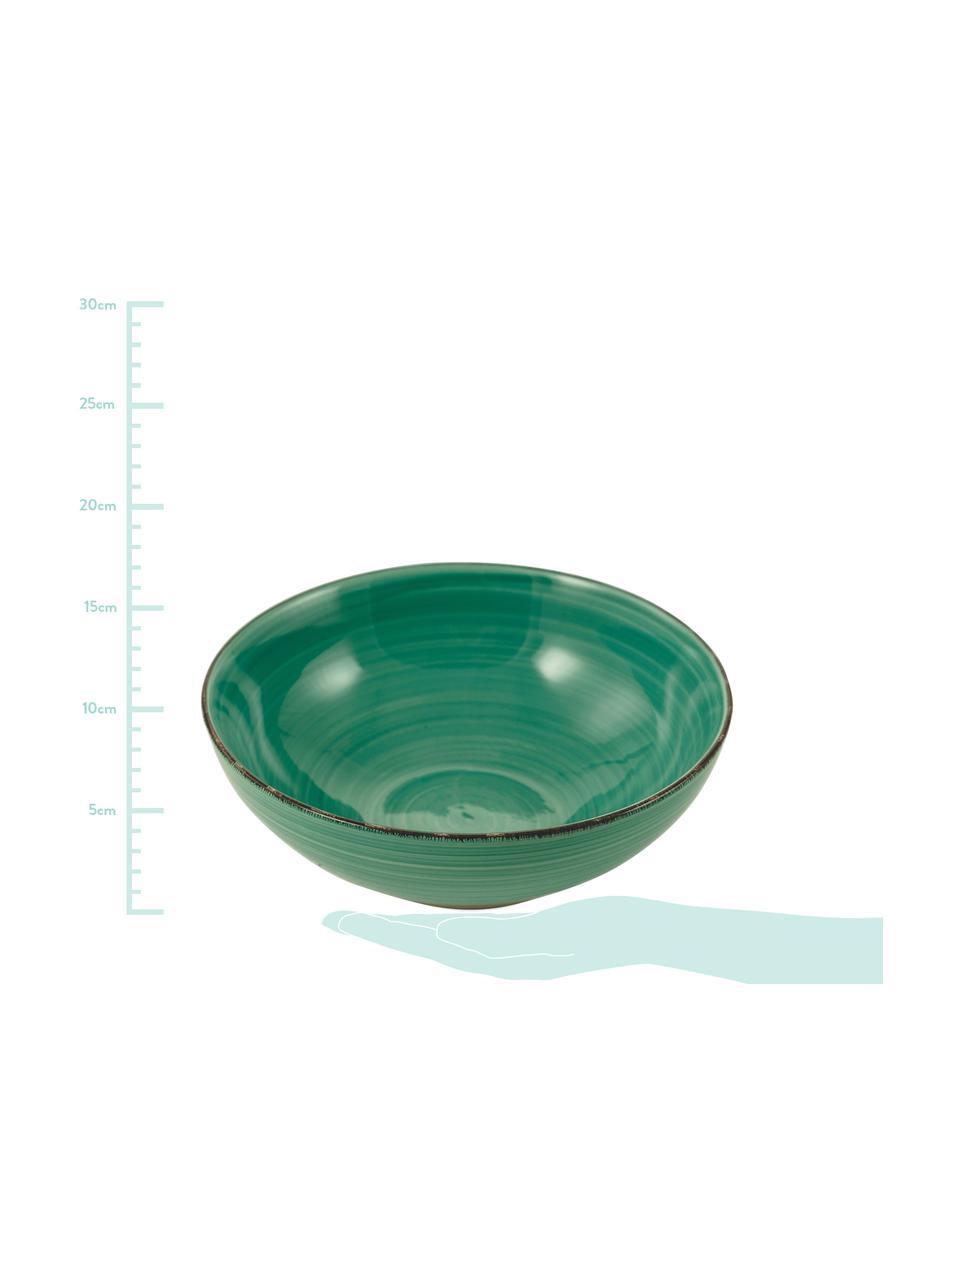 Handbemalte Servierschalen Baita in Grün Ø 26 und Ø 23 cm, 2er-Set, Steingut (Dolomitstein), handbemalt, Grün, Sondergrößen